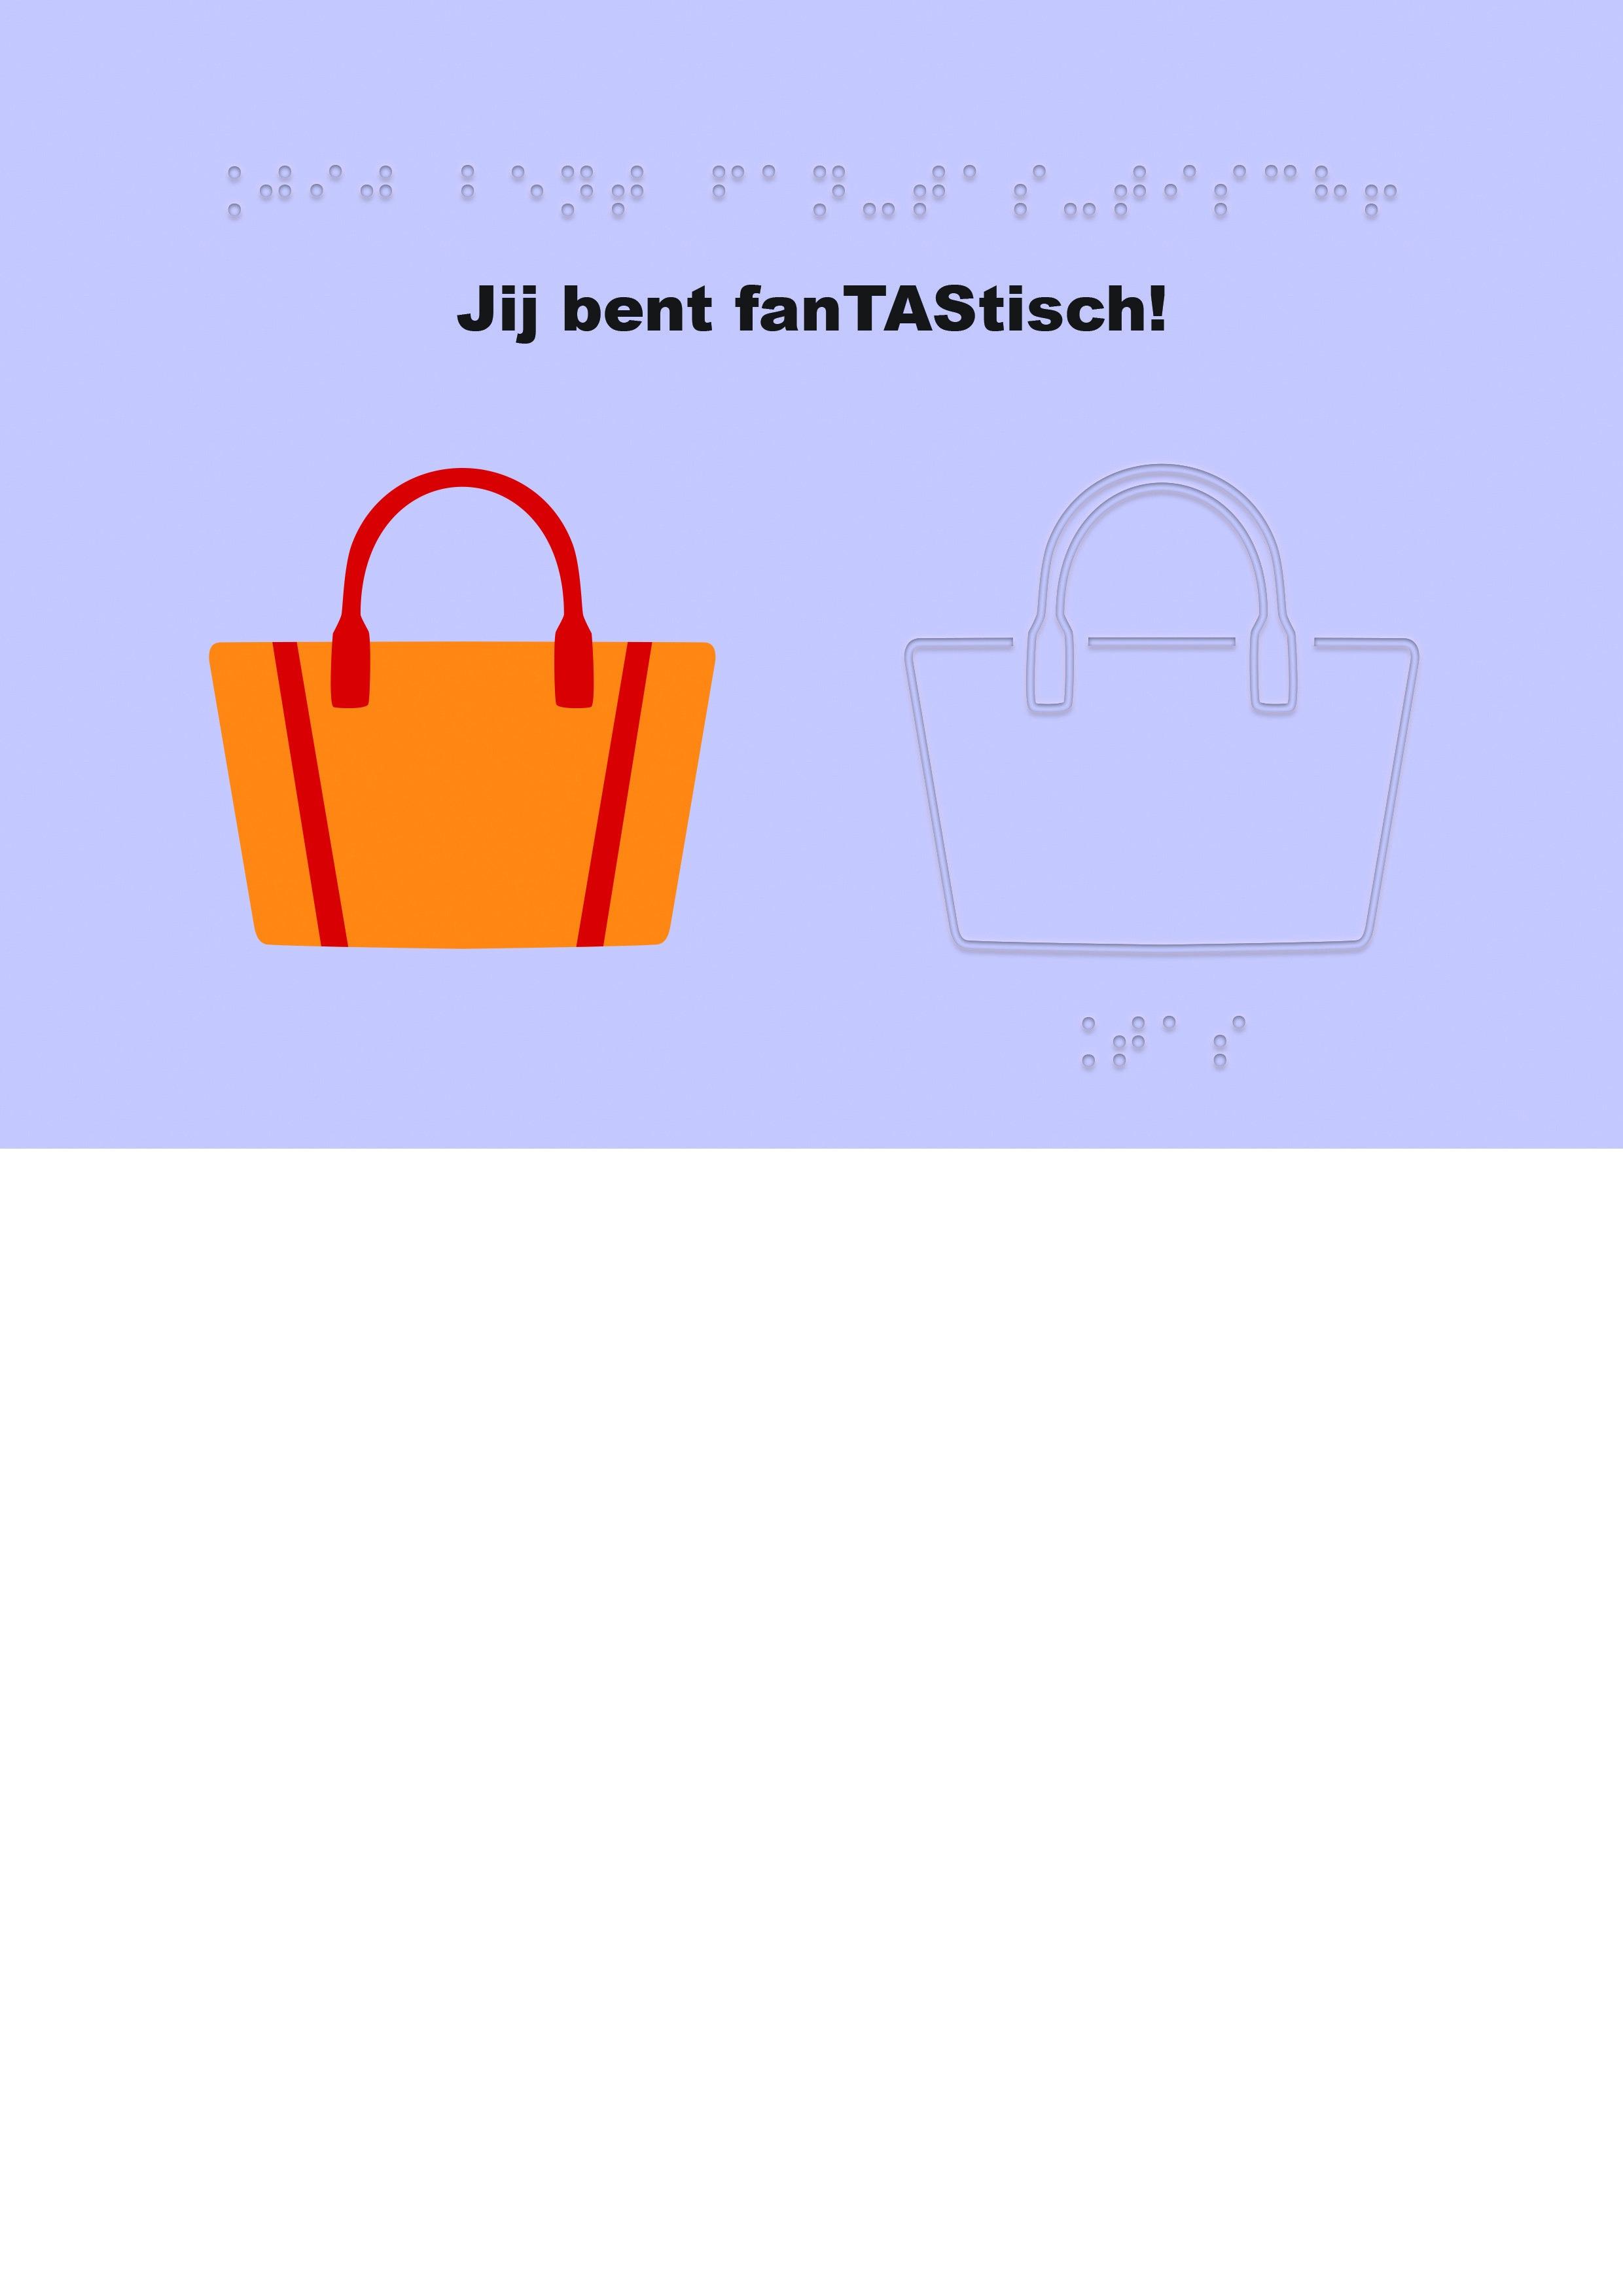 Voelbare wenskaart met braille en reliëf. In braille de tekst: Jij bent fanTAStisch! Met voelbare afbeelding van een tas.